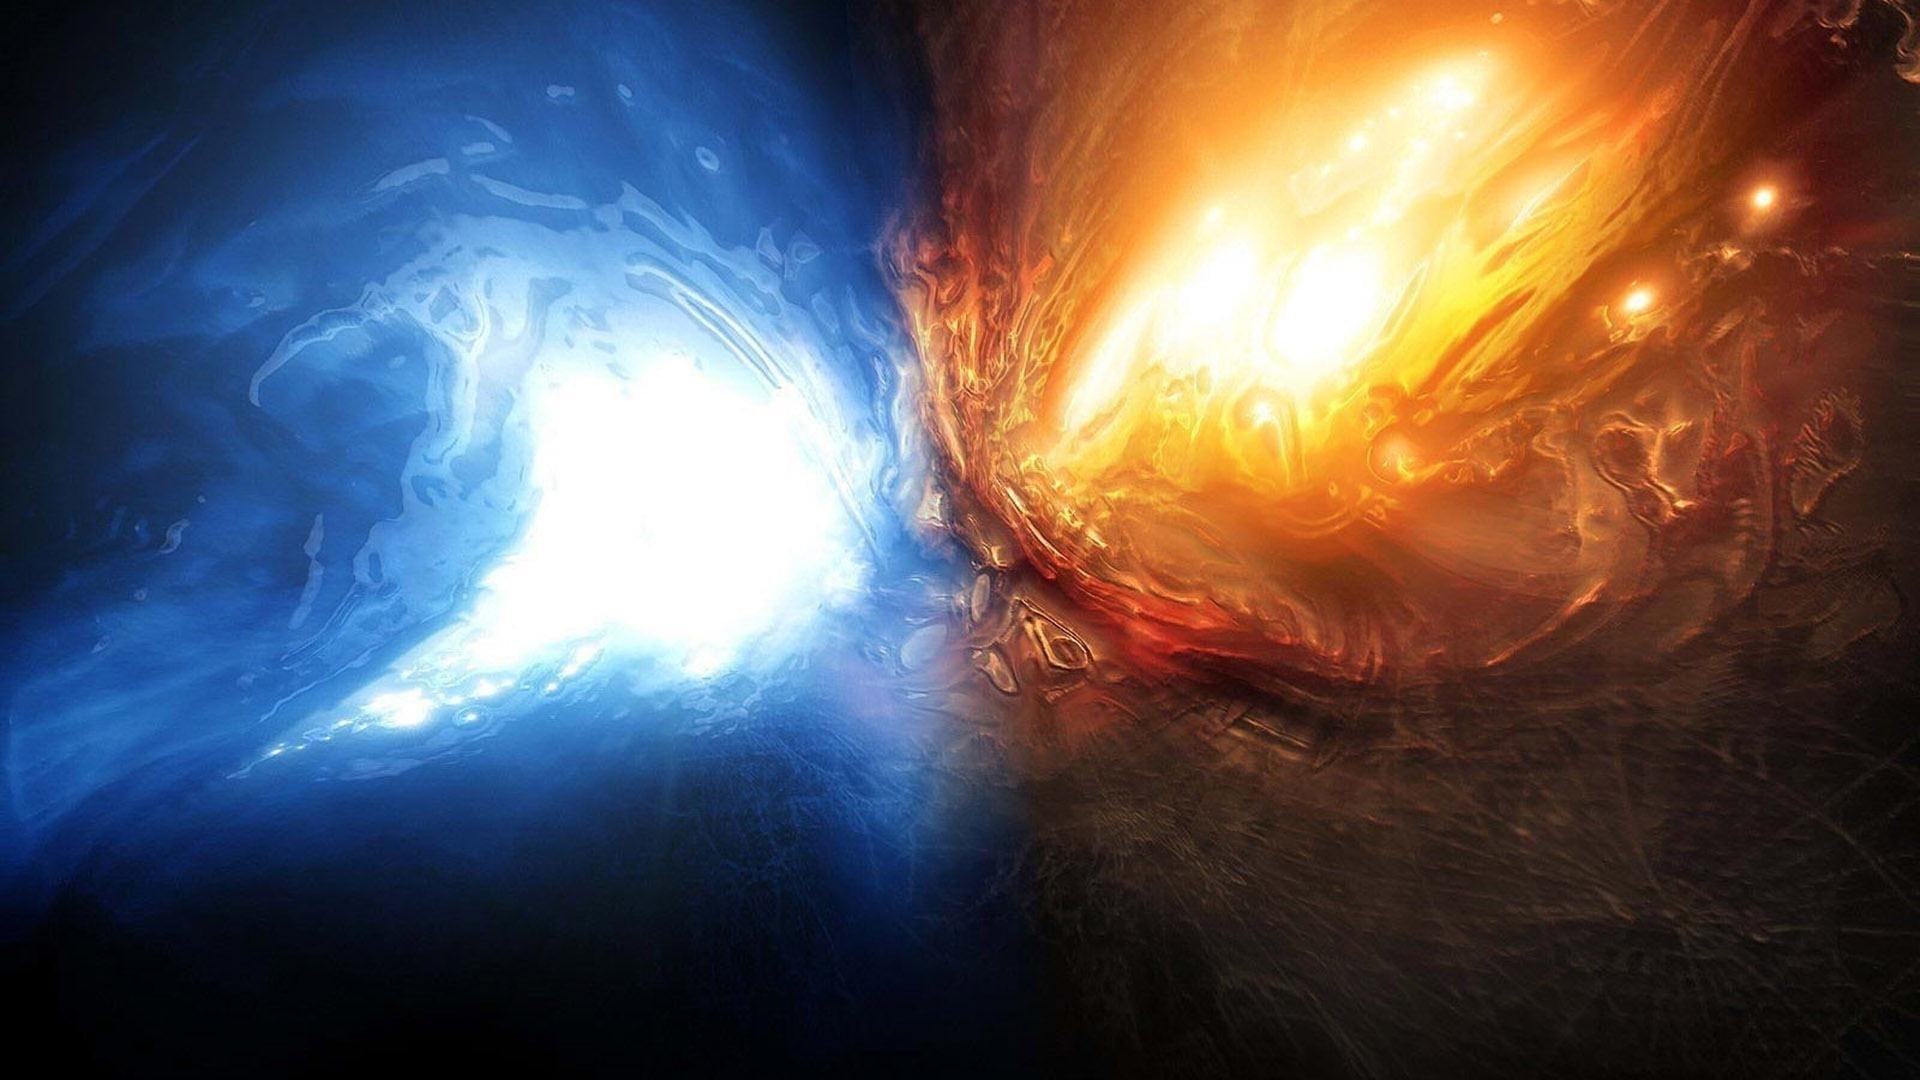 water fire desktop wallpapers | 3d & abstract wallpapers | pinterest